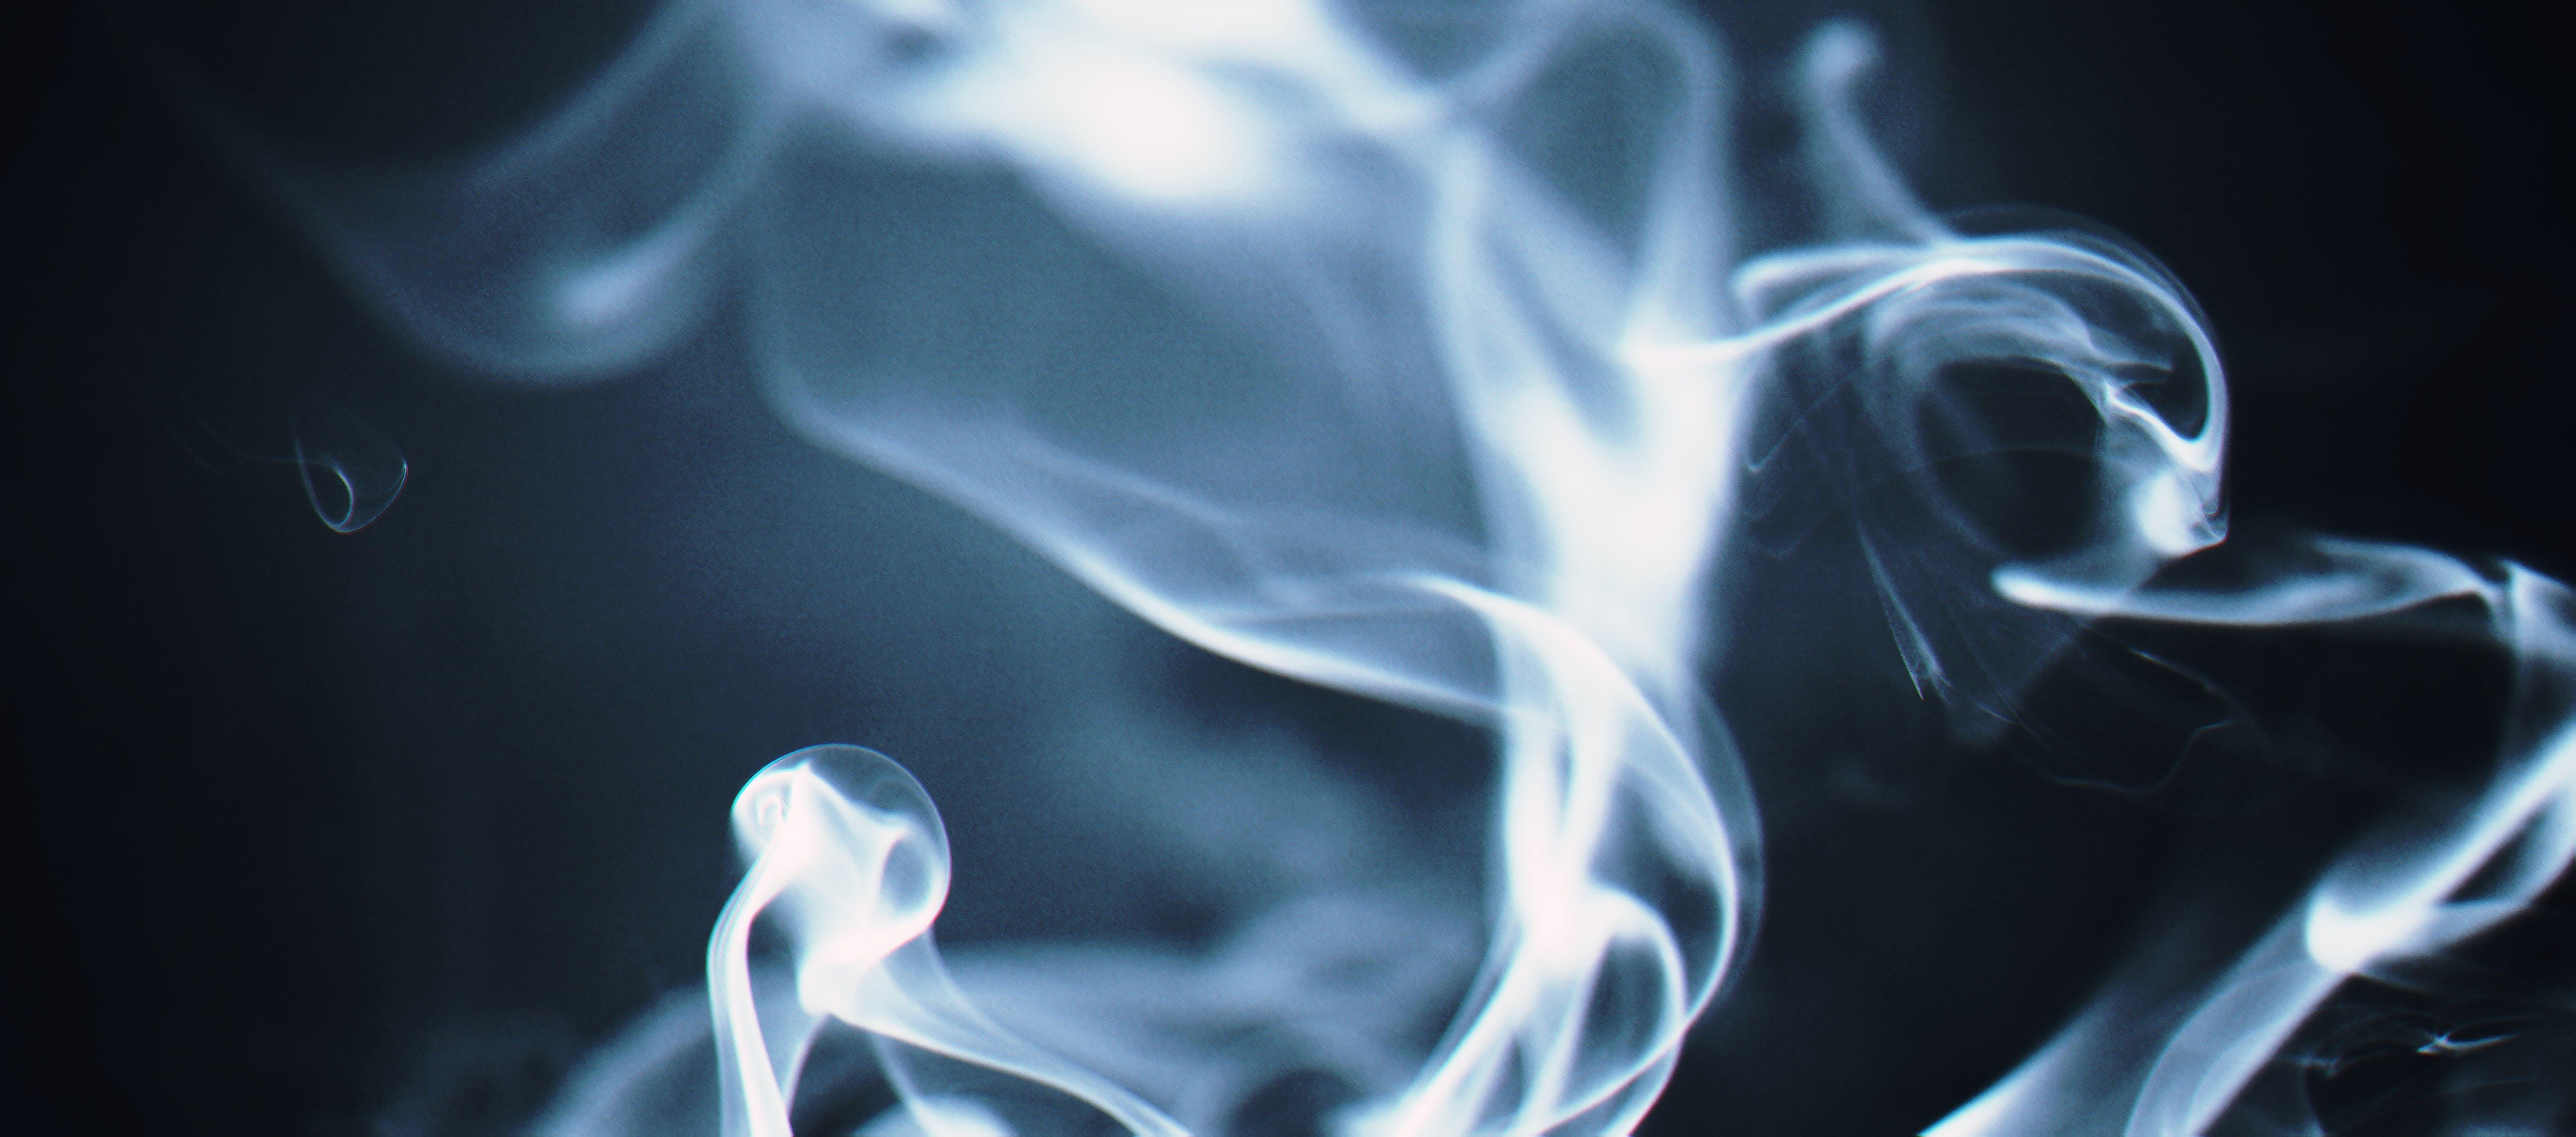 White Smoke Wallpaper